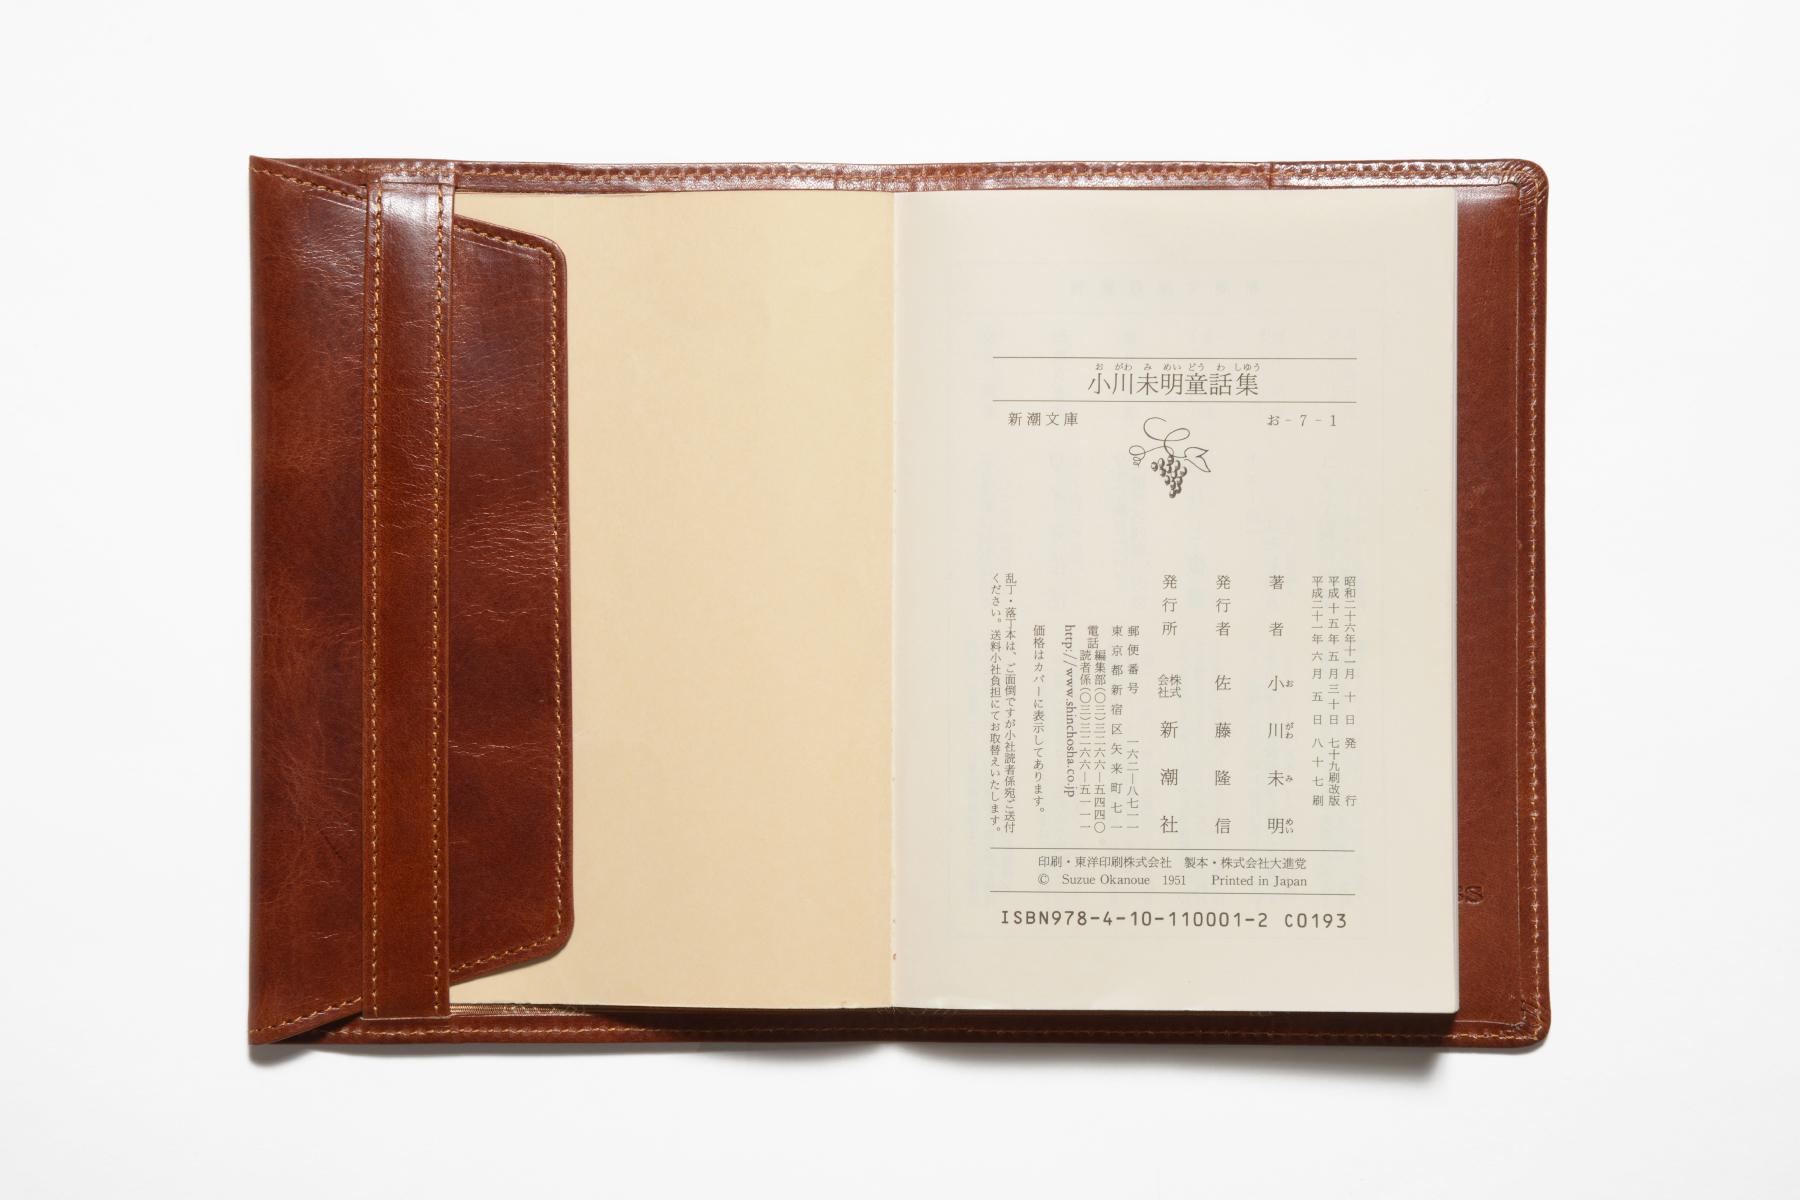 本革製ブックカバー・古城のキャメルブラウンに本を挟み込んだ様子